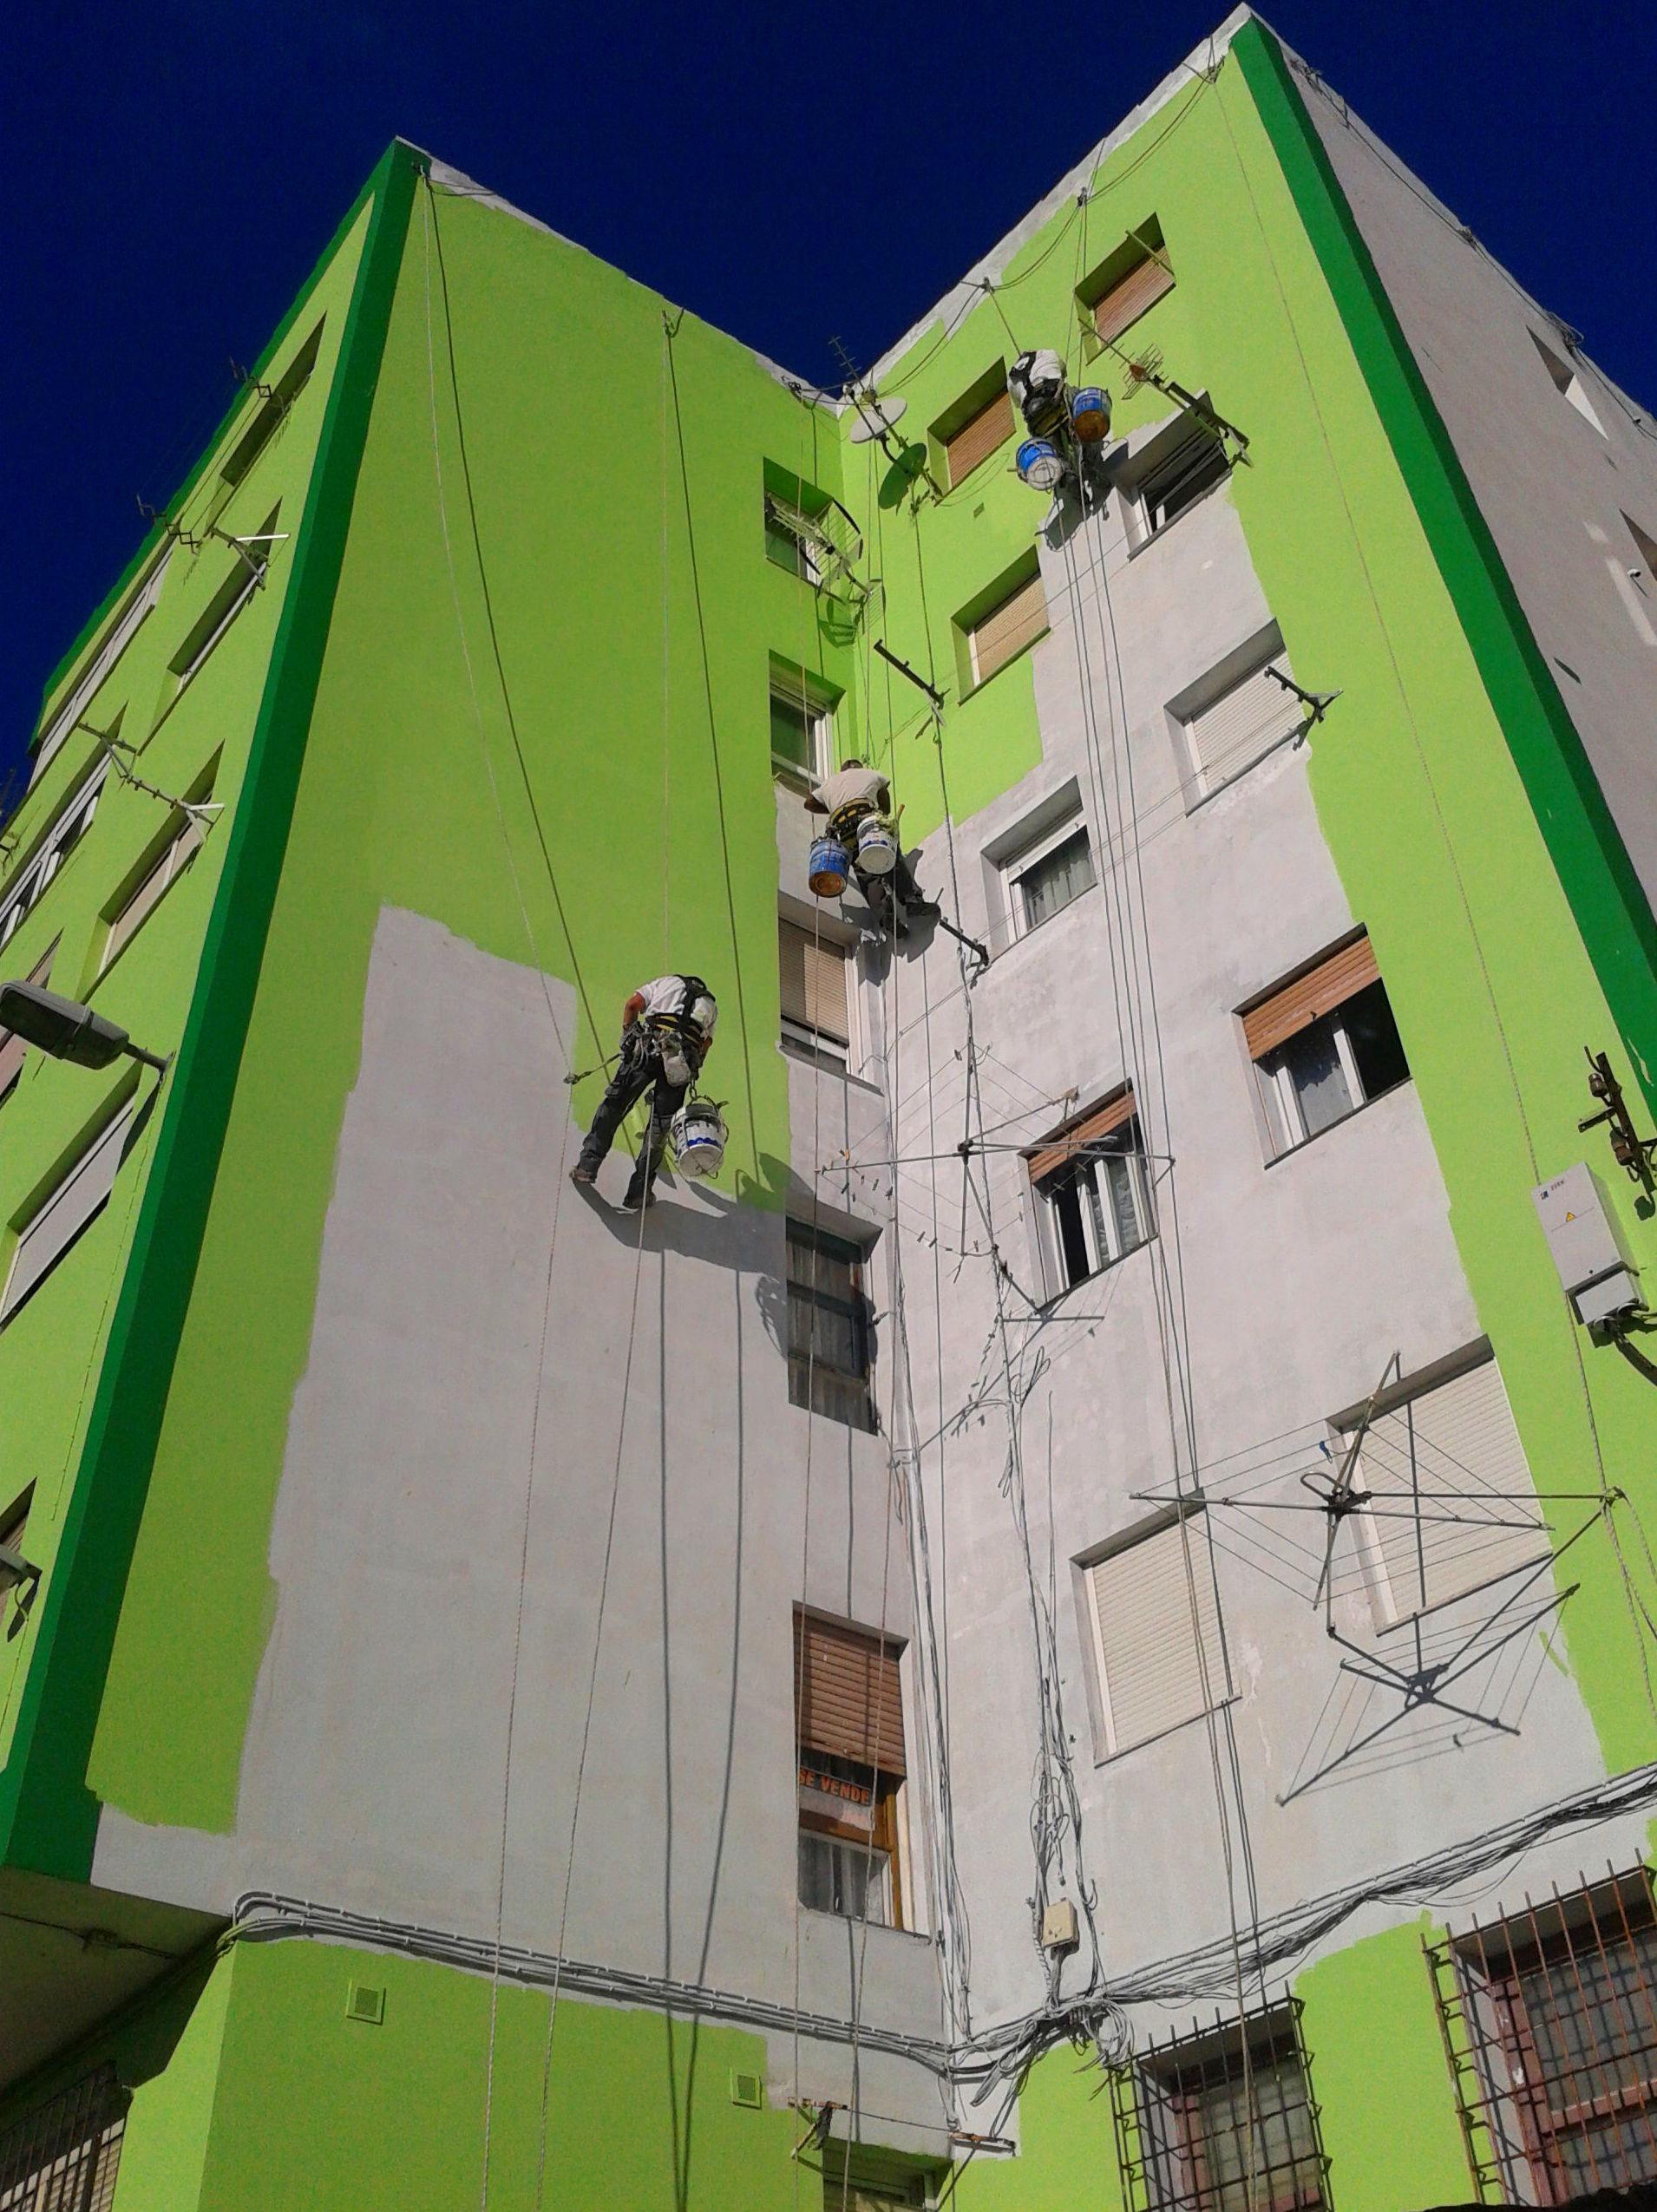 Realizamos trabajos de desatacos de tuberías, limpieza de canalones, instalación de  tuberías bajantes y montantes. Reparación e impermeabilización de tejados. Impermeabilizaciòn de fachadas.